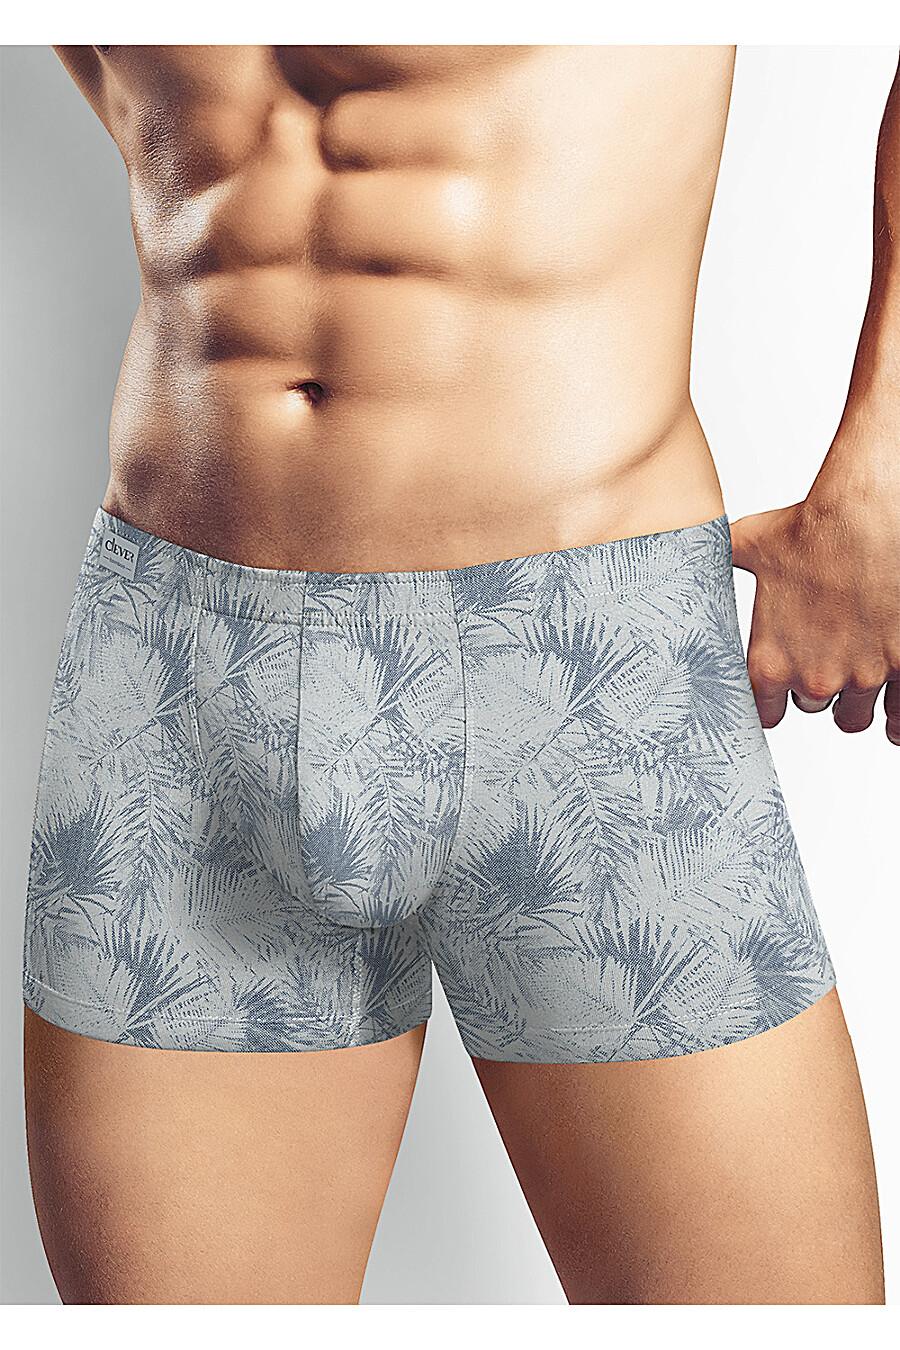 Трусы для мужчин CLEVER 155231 купить оптом от производителя. Совместная покупка мужской одежды в OptMoyo